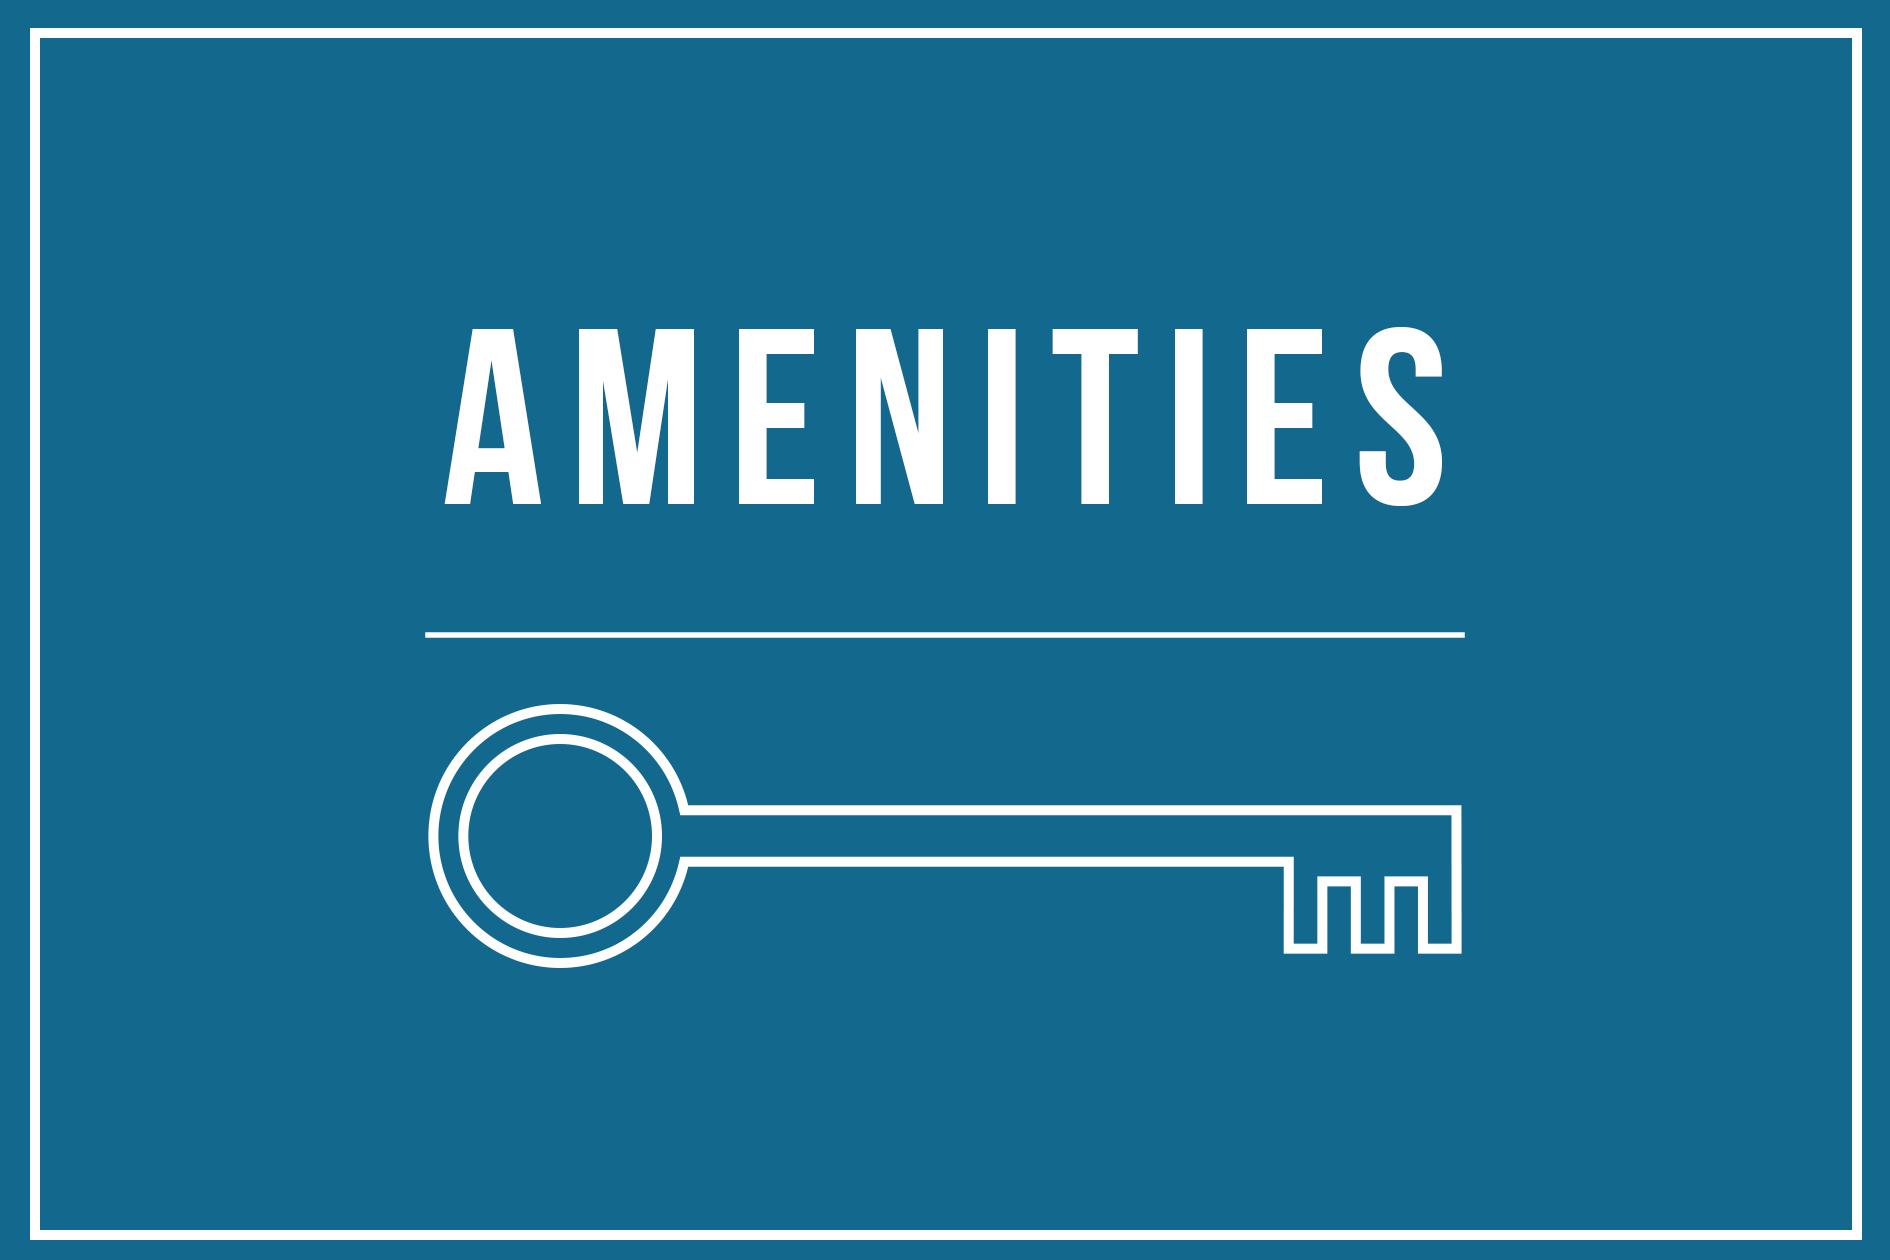 aya-kapadokya-features-amenities-header-0001